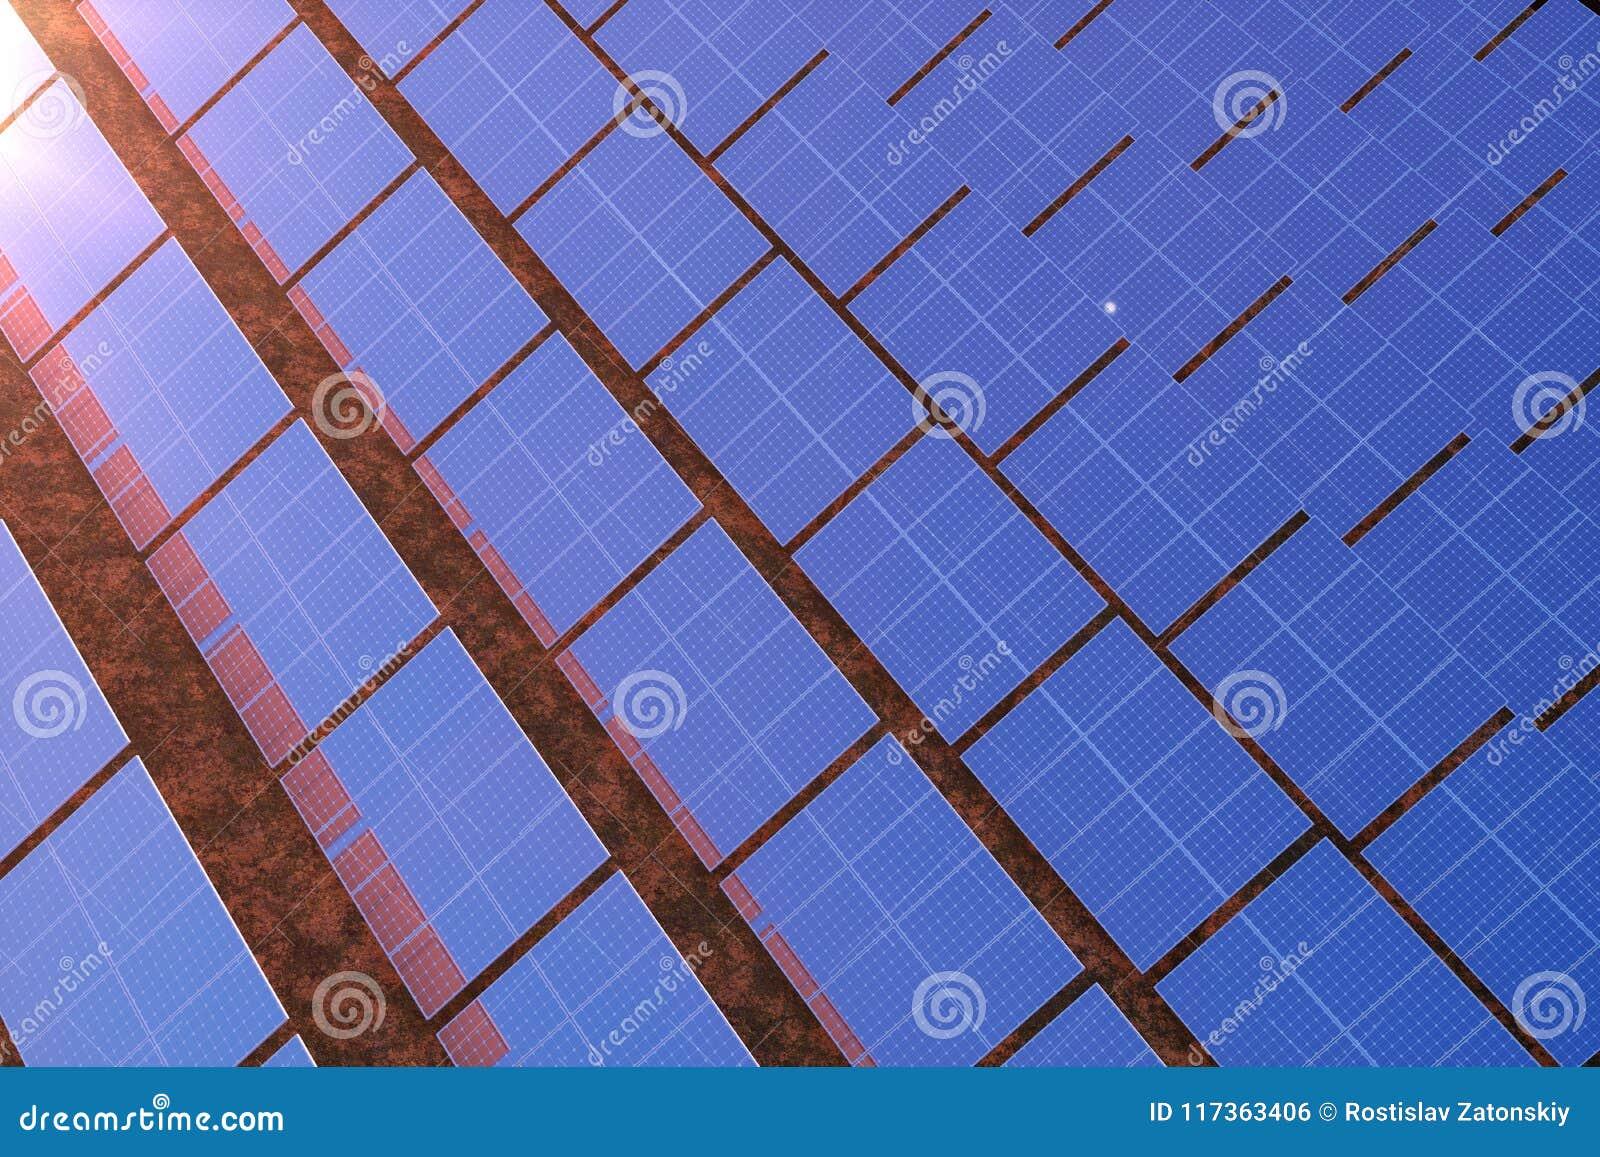 Solarenergie-Generationstechnologie der Wiedergabe 3D Alternative Energie Solarbatteriefeldmodule mit szenischem Sonnenuntergang